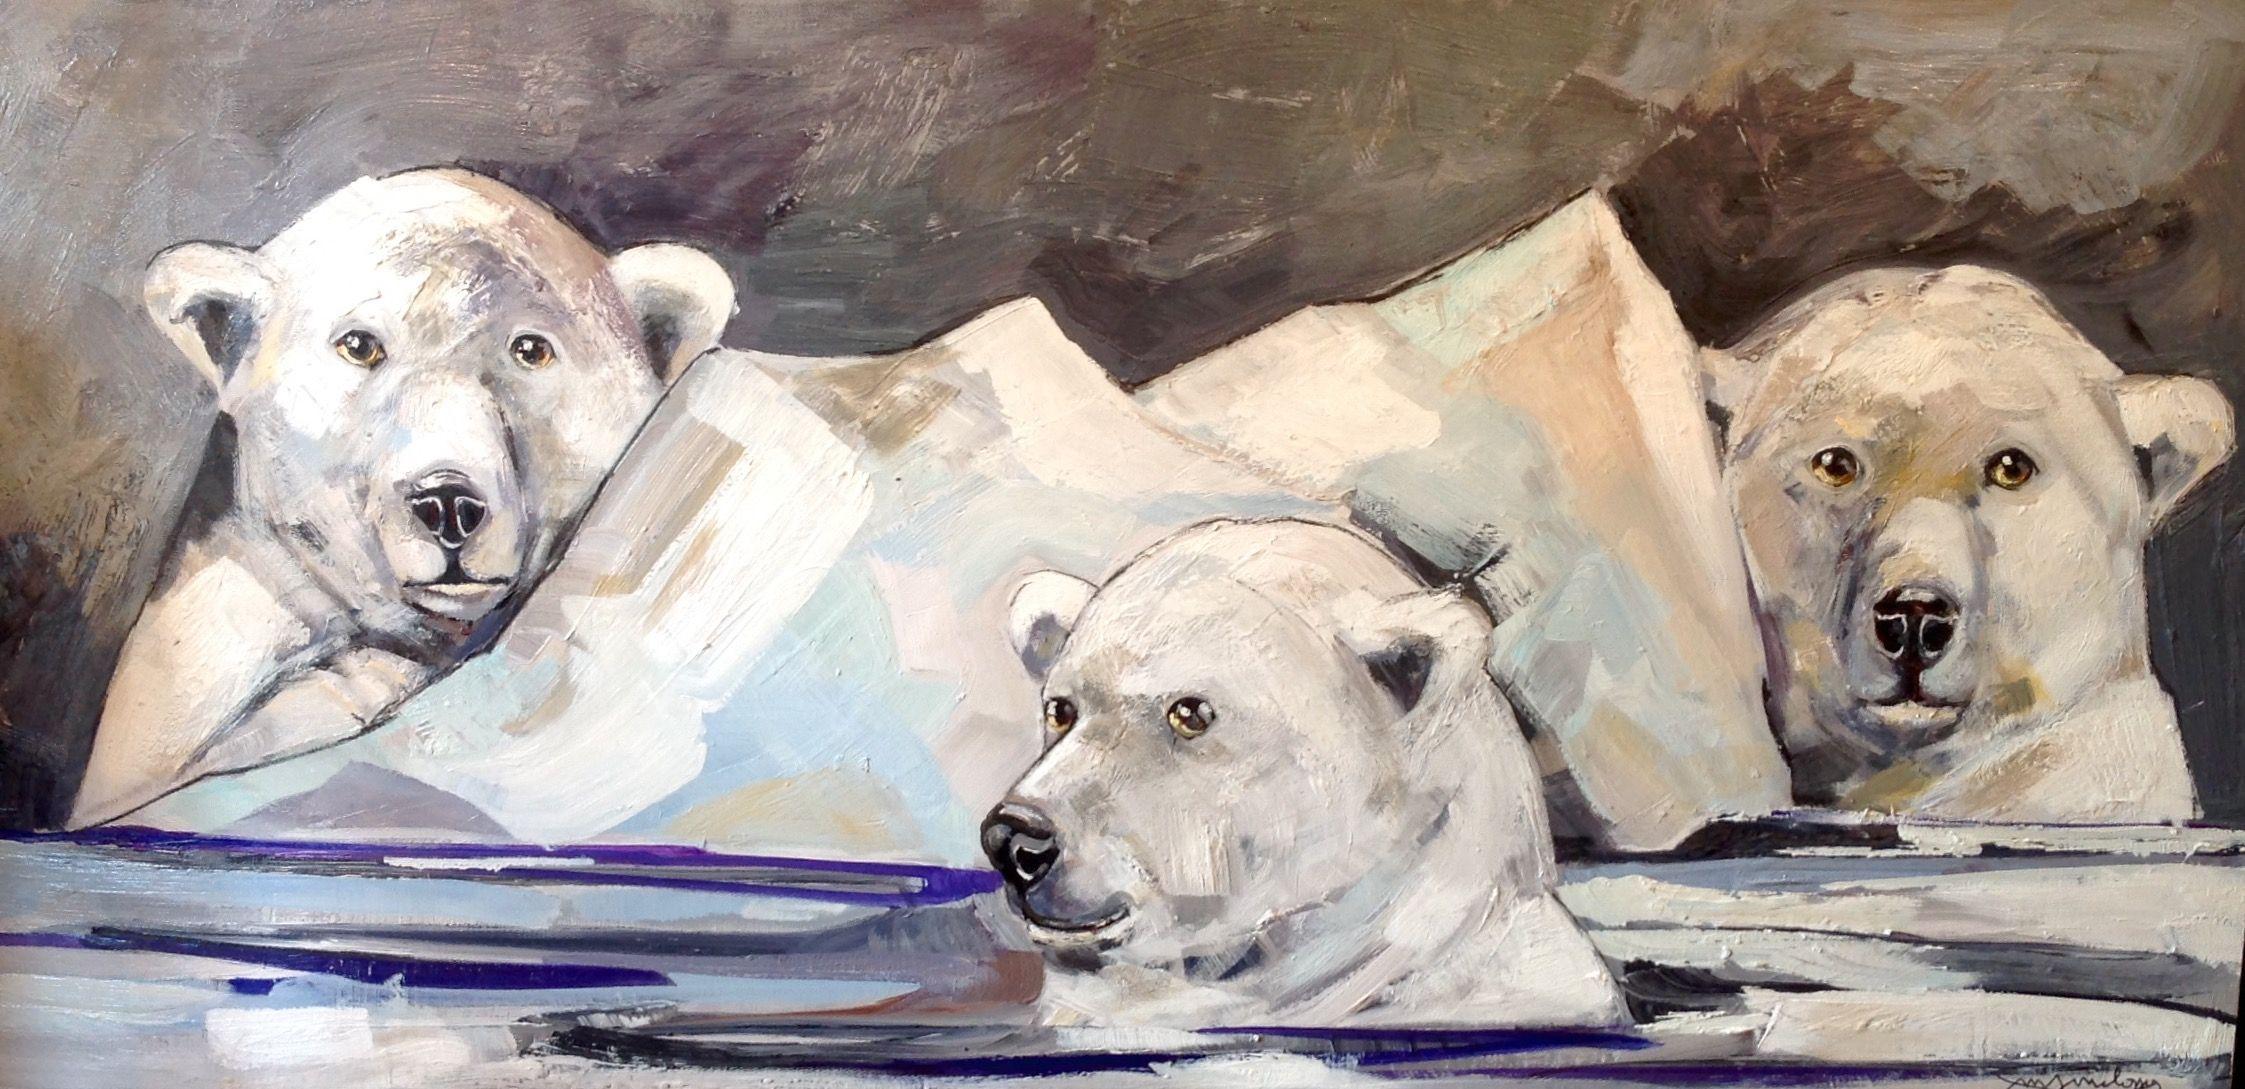 nom de l 39 oeuvre bain glace marta milossis tableaux painting polar bear et art. Black Bedroom Furniture Sets. Home Design Ideas